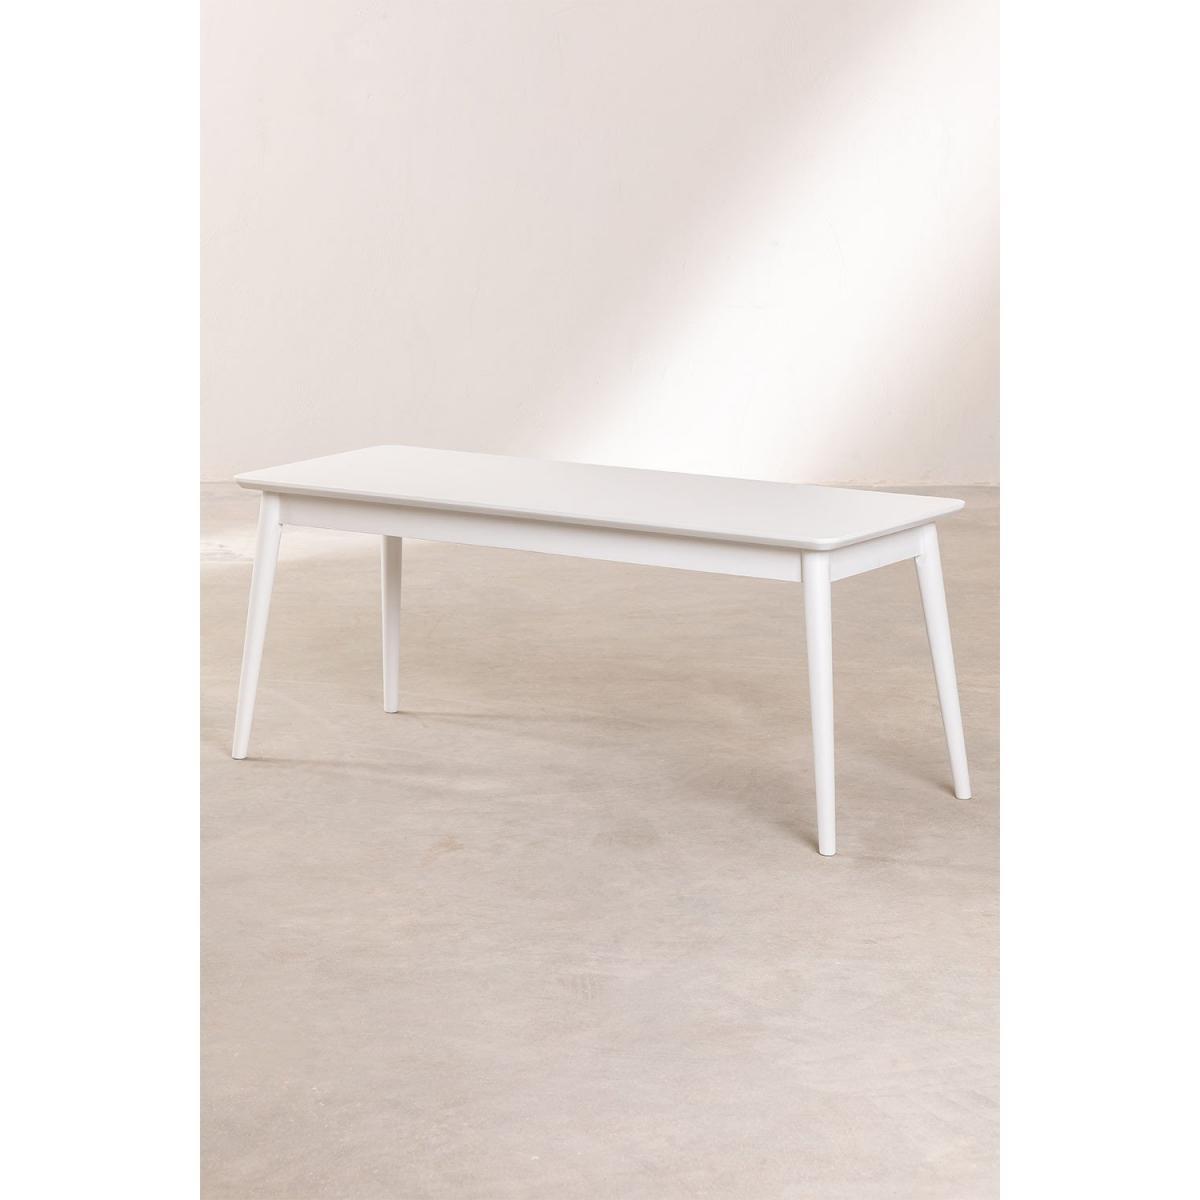 Stylez Banc en bois d'hévéa 110cm blanc